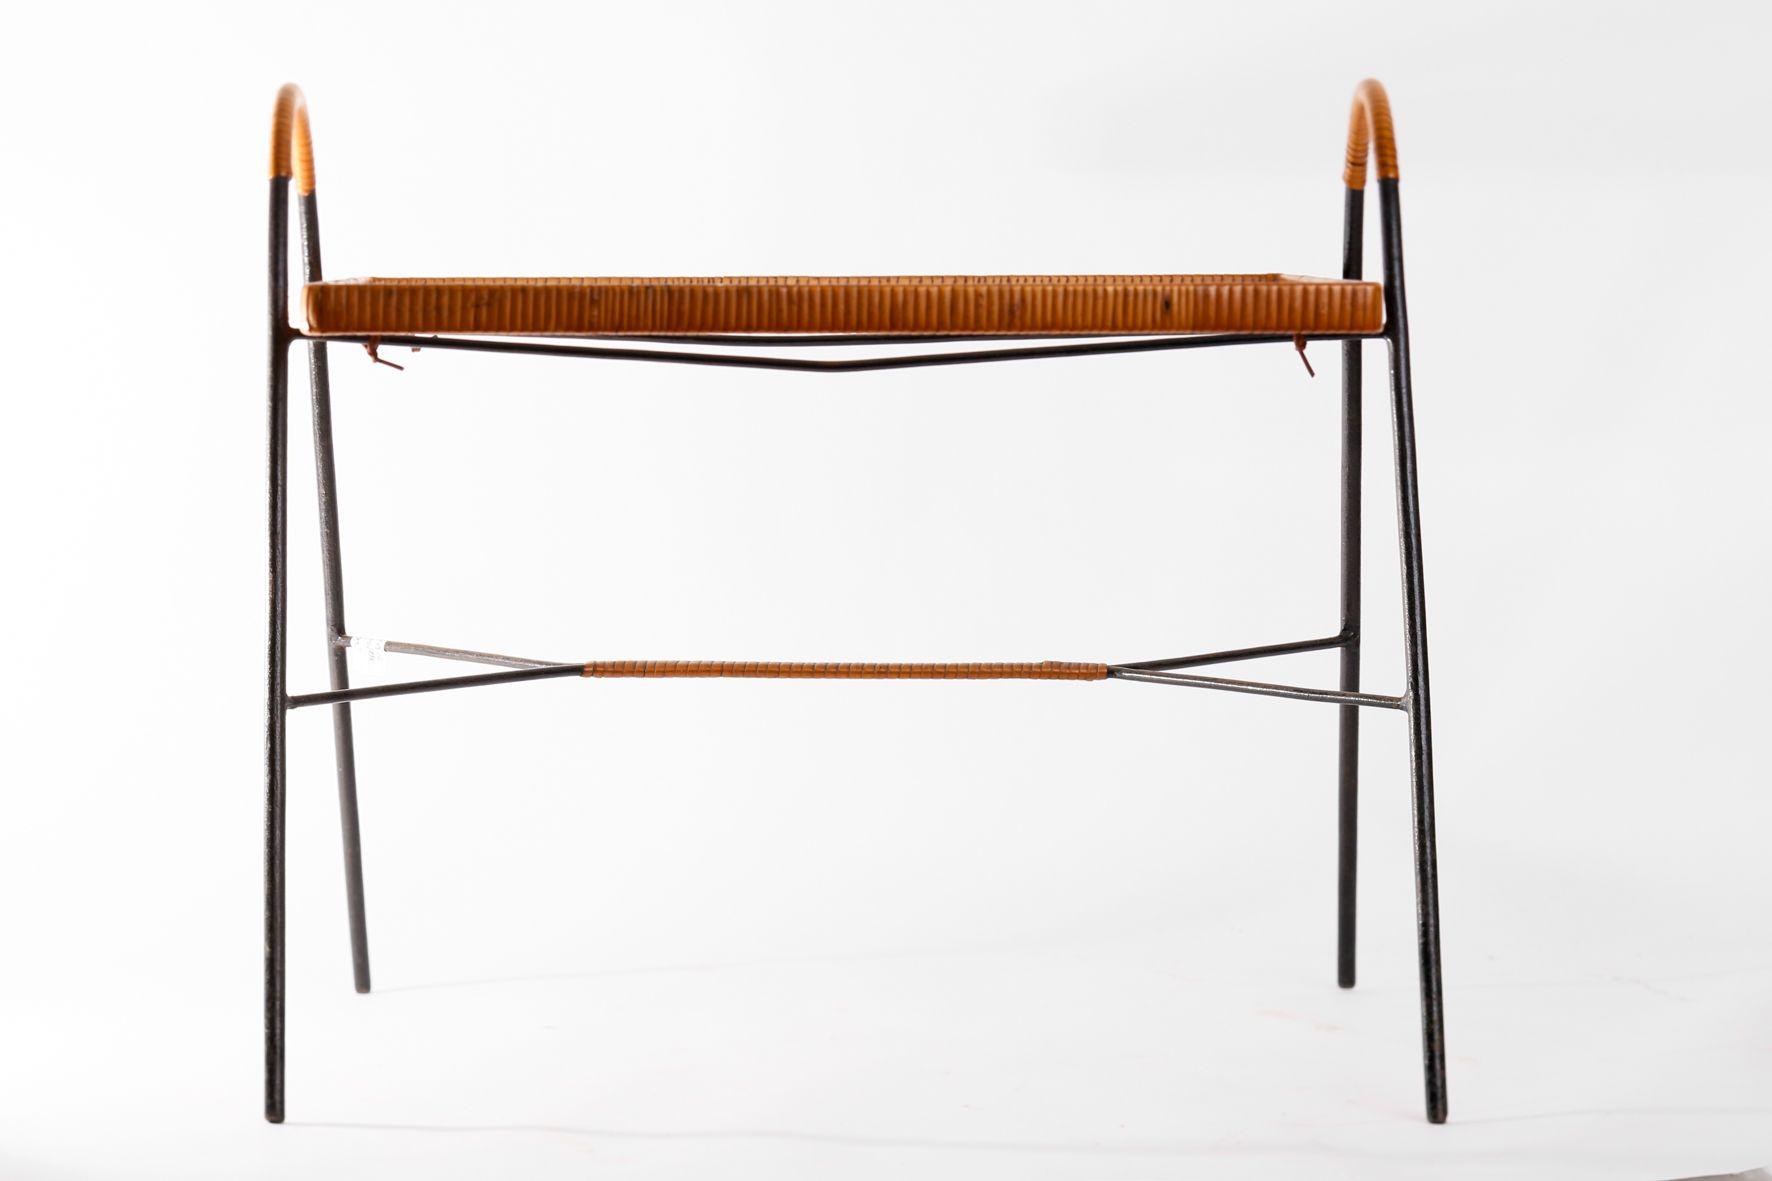 beistelltisch aus eisen schilfrohr 1970er bei pamono kaufen. Black Bedroom Furniture Sets. Home Design Ideas